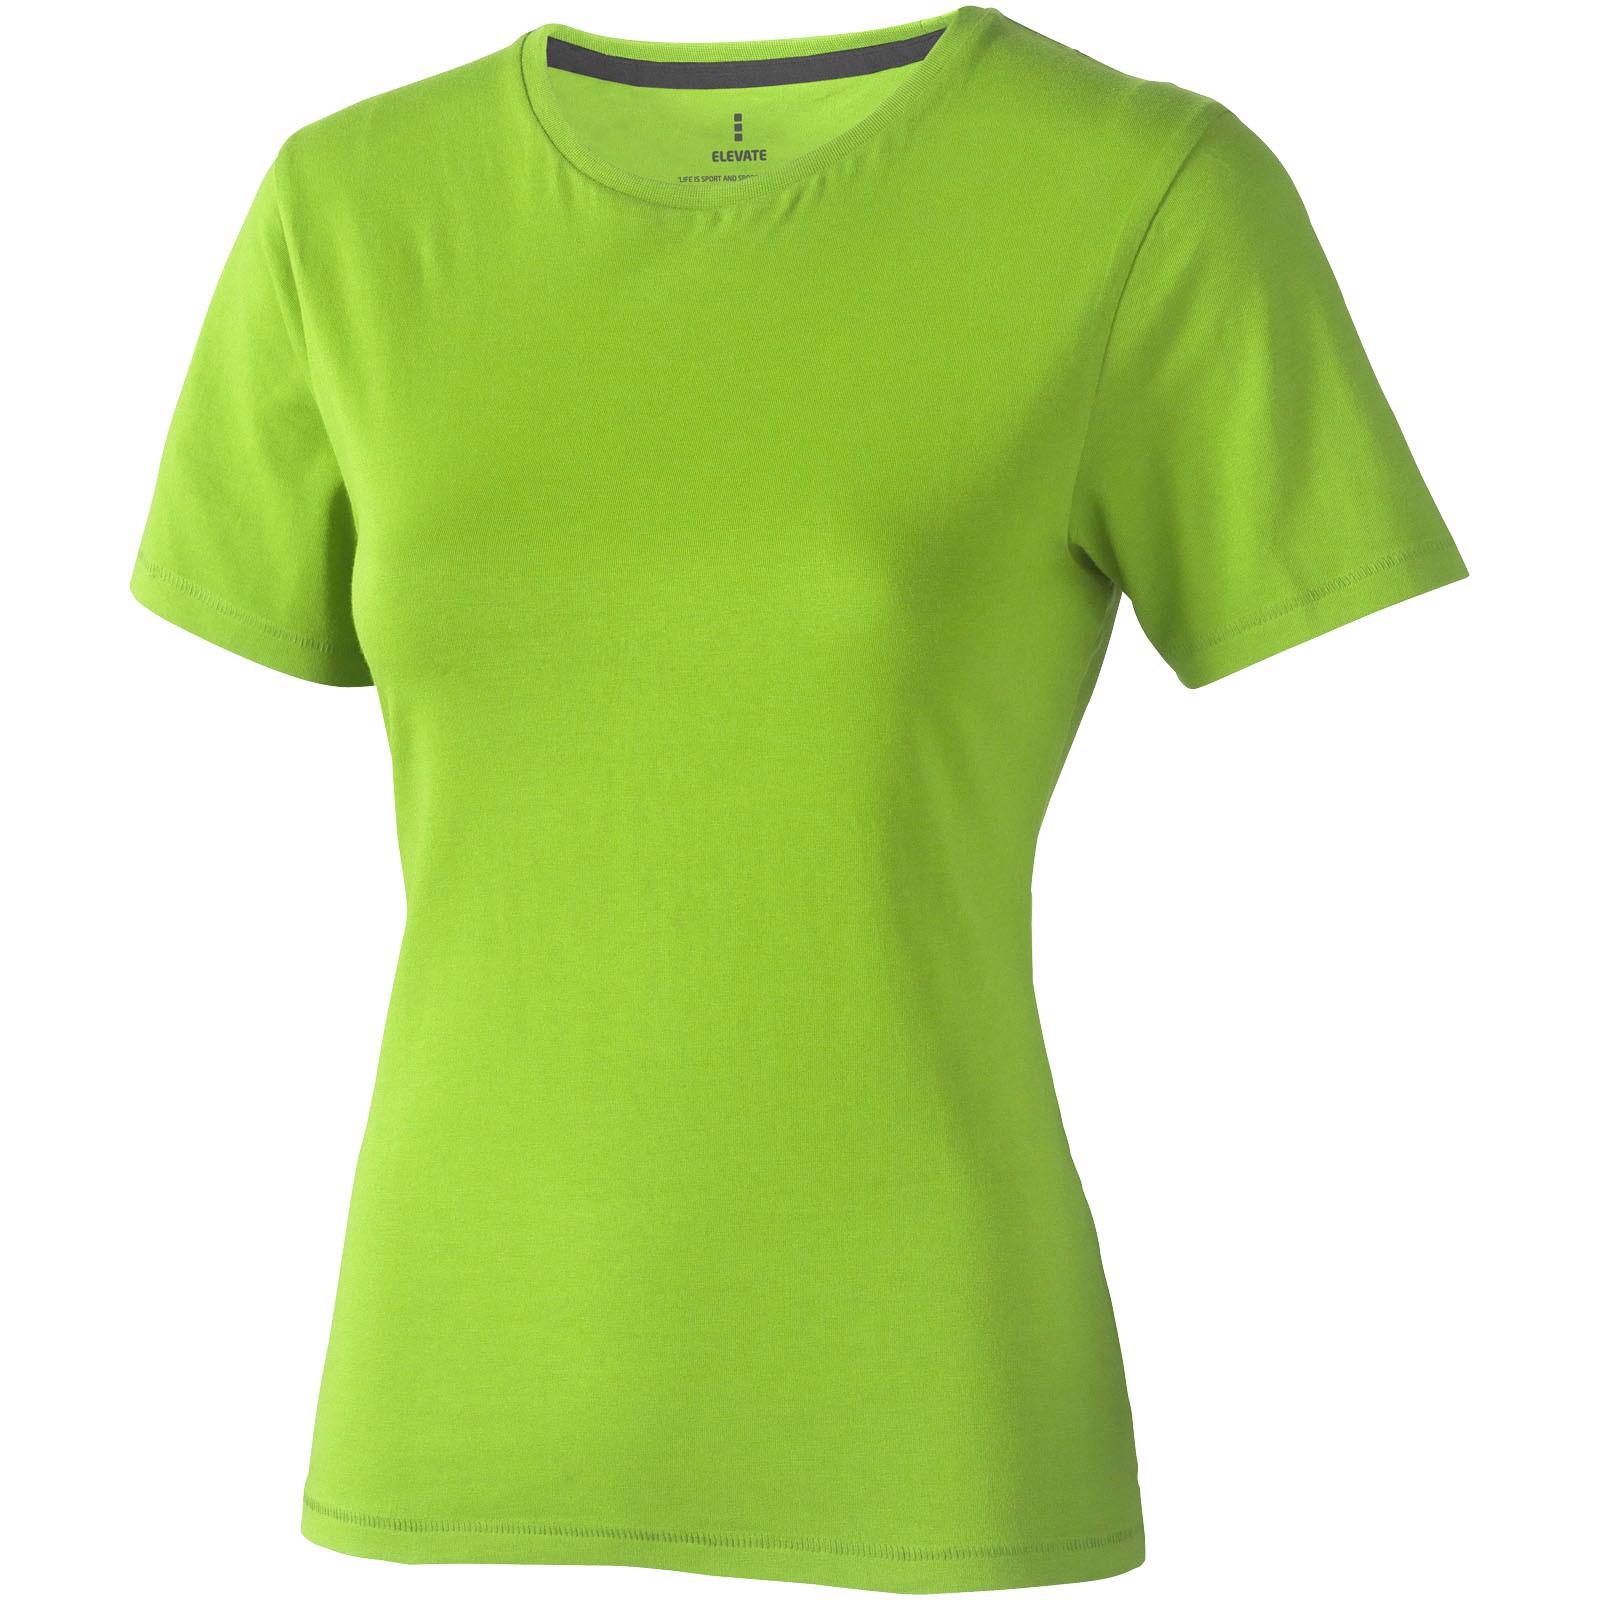 Dámské triko Nanaimo s krátkým rukávem - Zelené jablko / XS